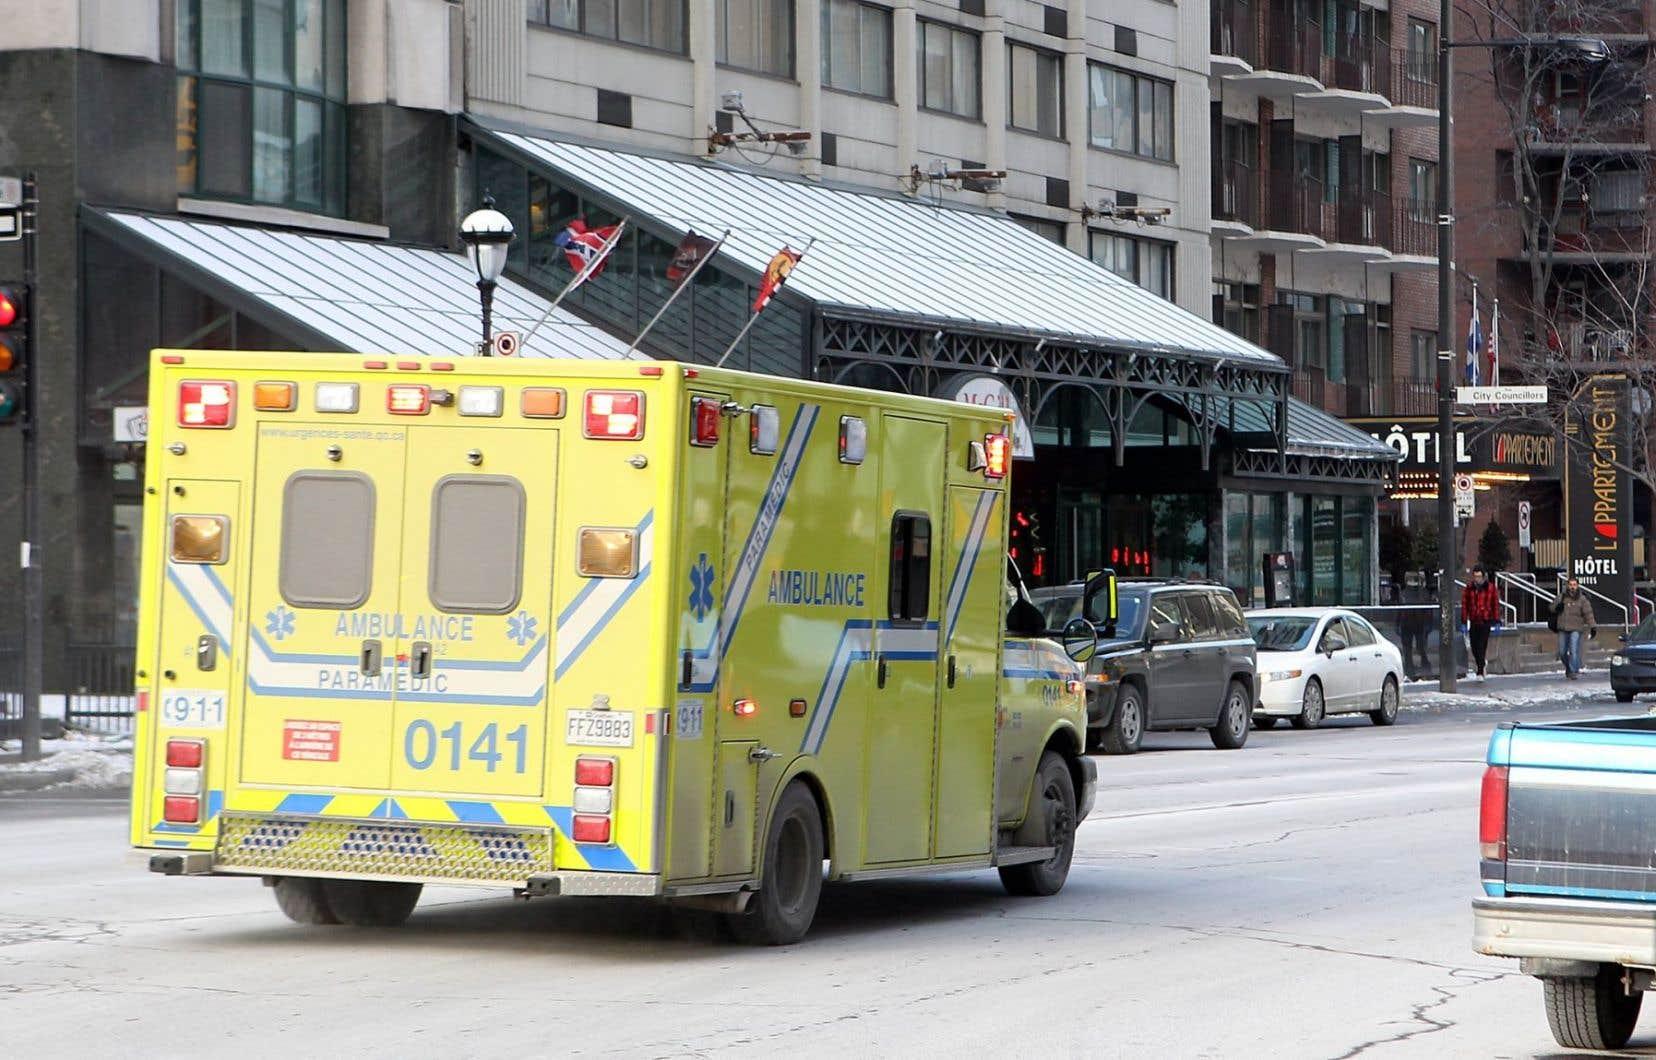 Des jeunes ambulanciers finissants ne peuvent accéder au marché du travail parce que l'examen donnant le droit à l'exercice de la profession a été reporté à une date indéterminée à l'automne.